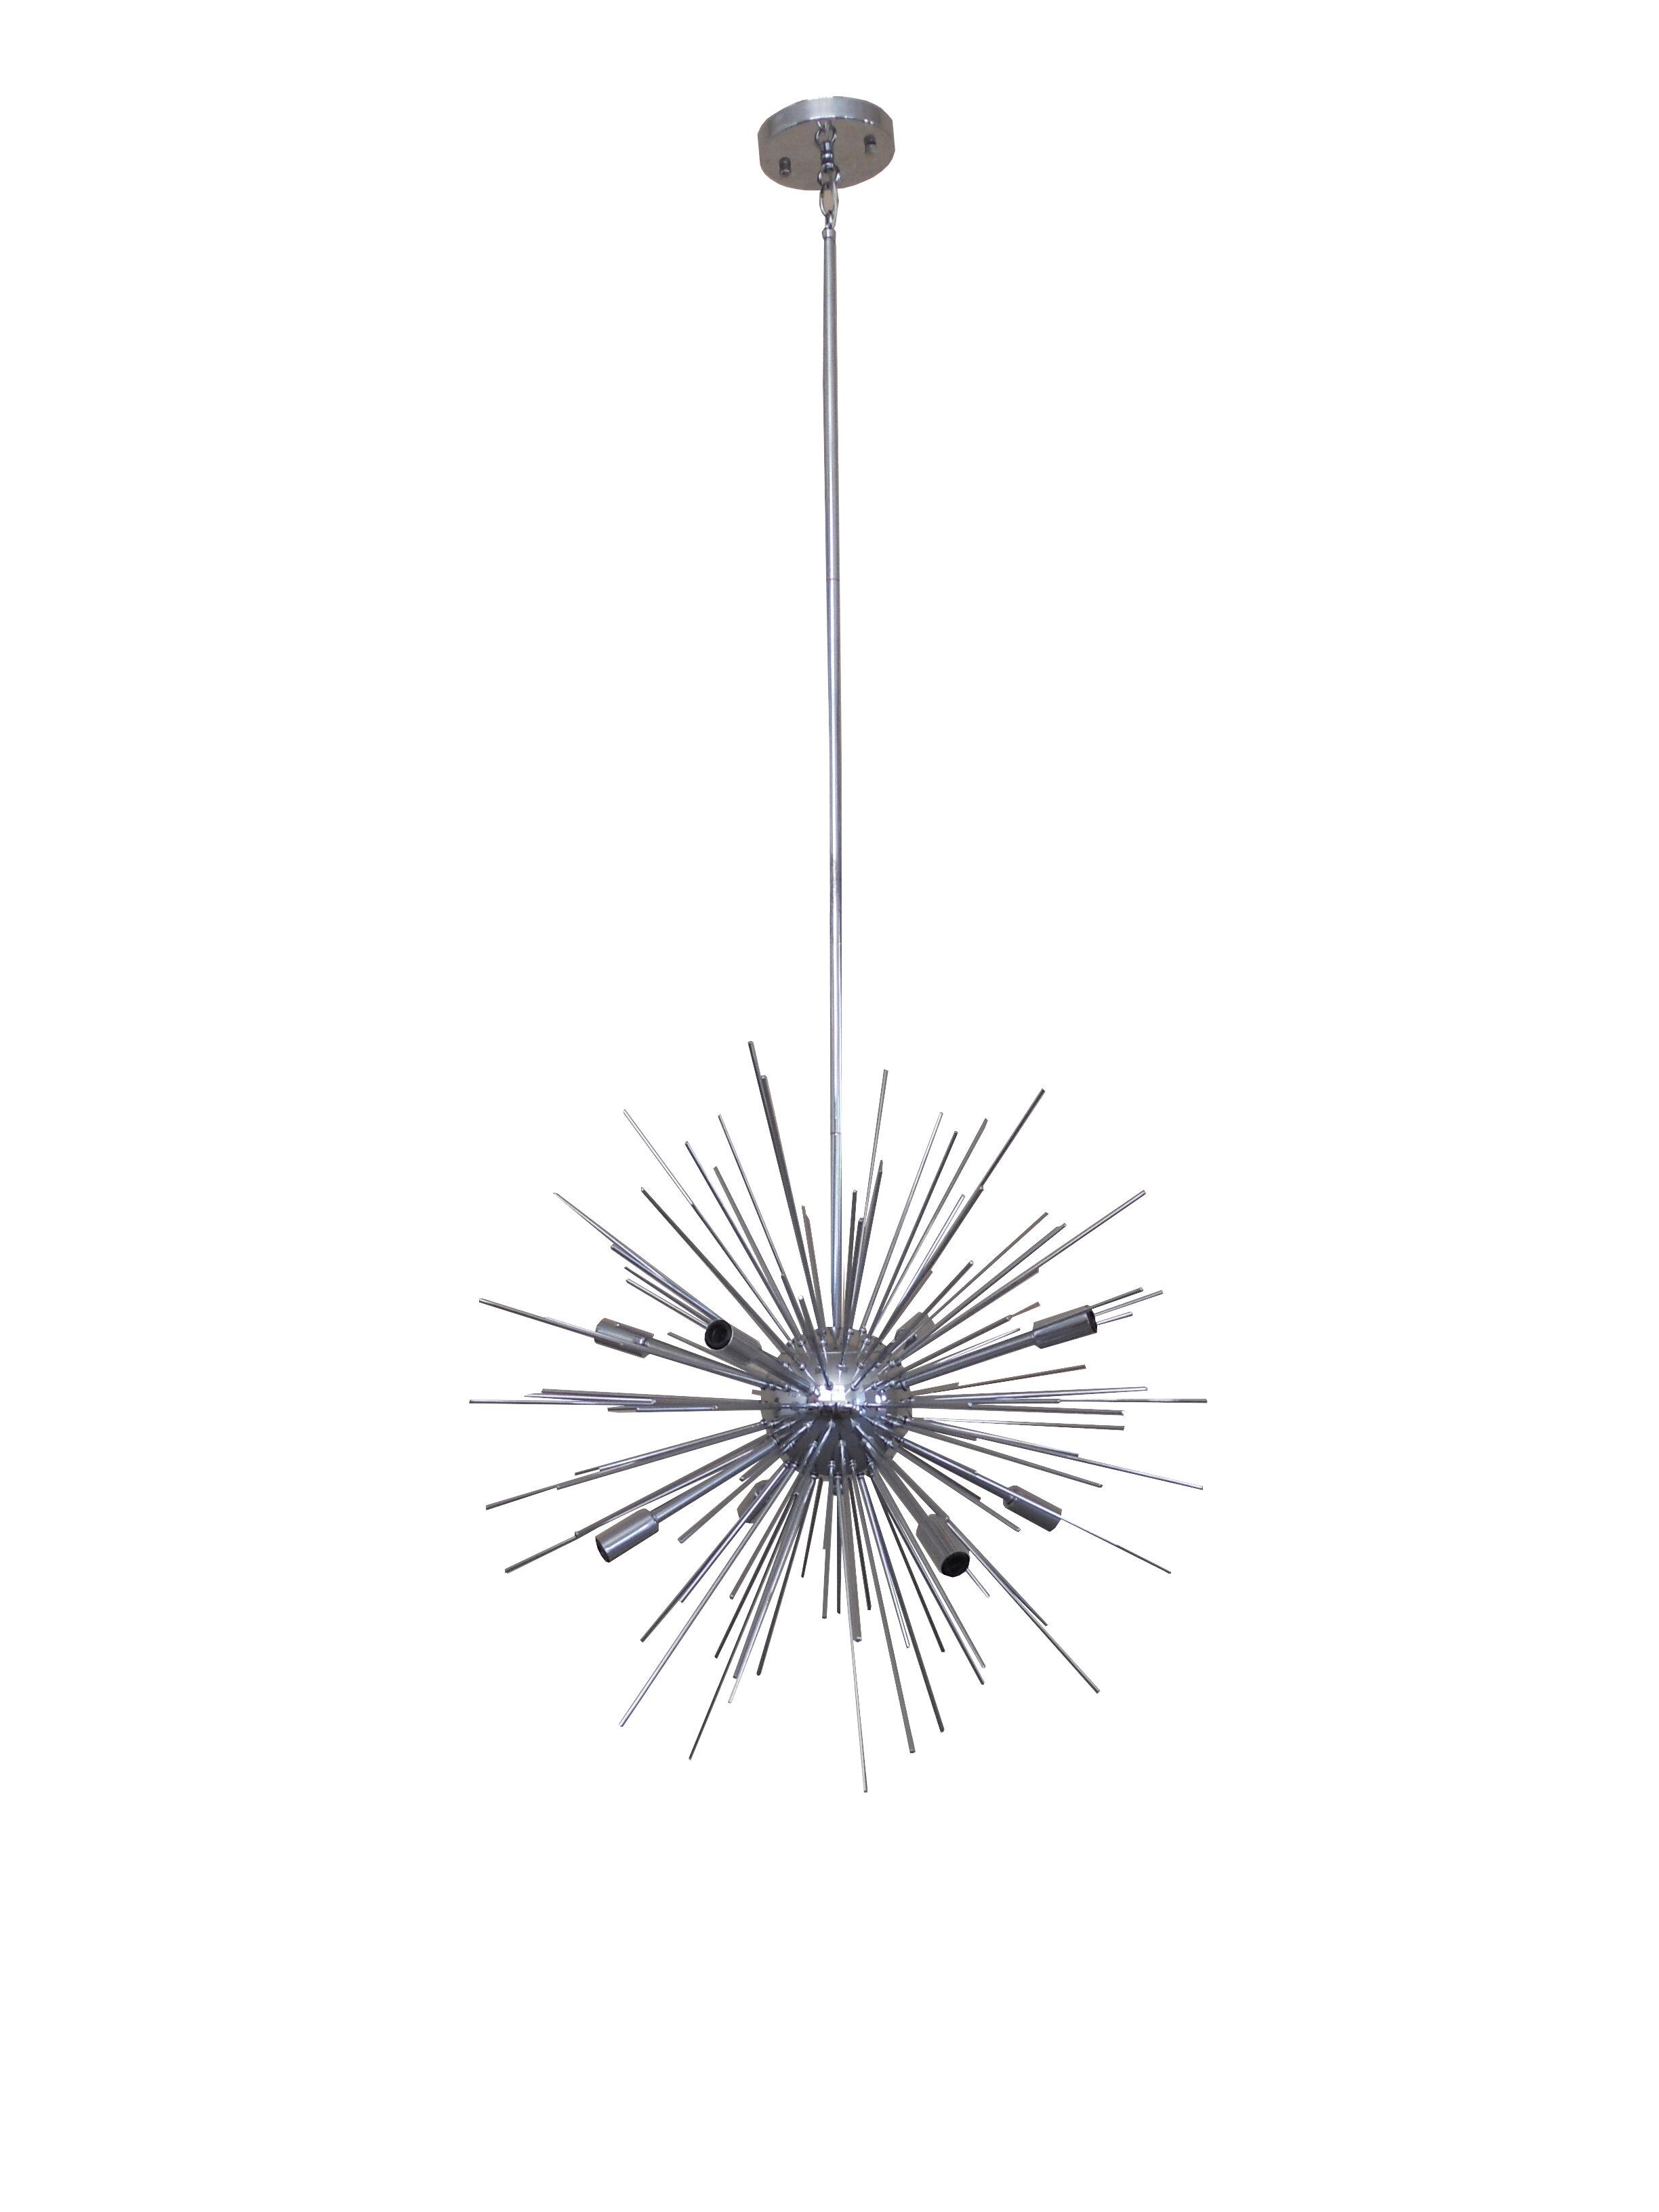 urchin chandelier room their museum trip cristal own worth restaurants galerie